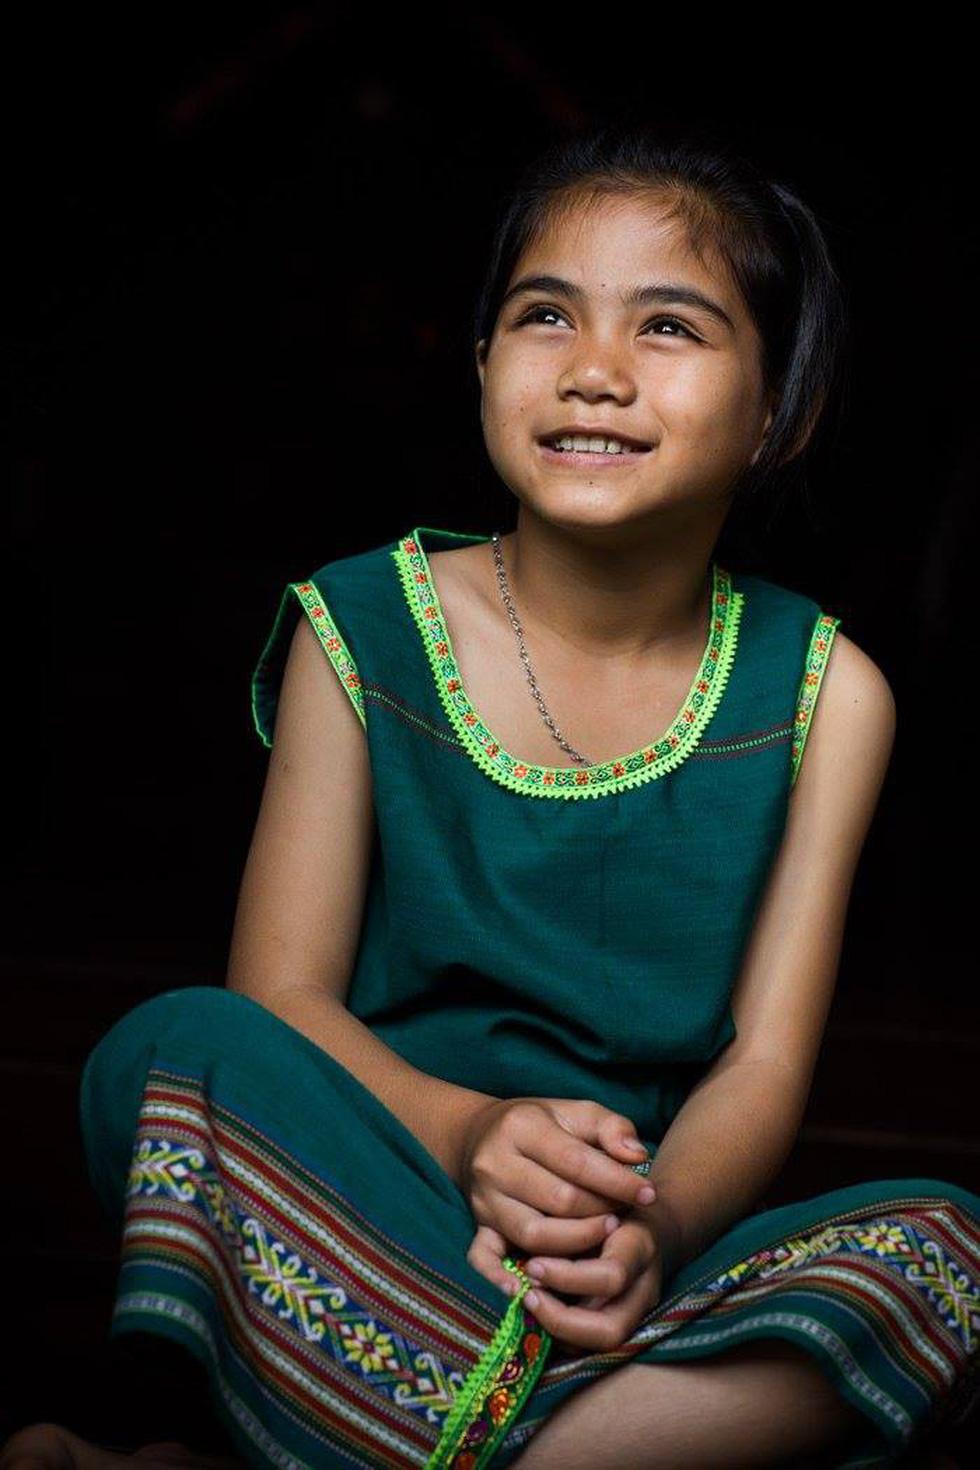 Nhiếp ảnh gia Pháp được vinh danh khi tôn vinh văn hóa Việt - Ảnh 13.